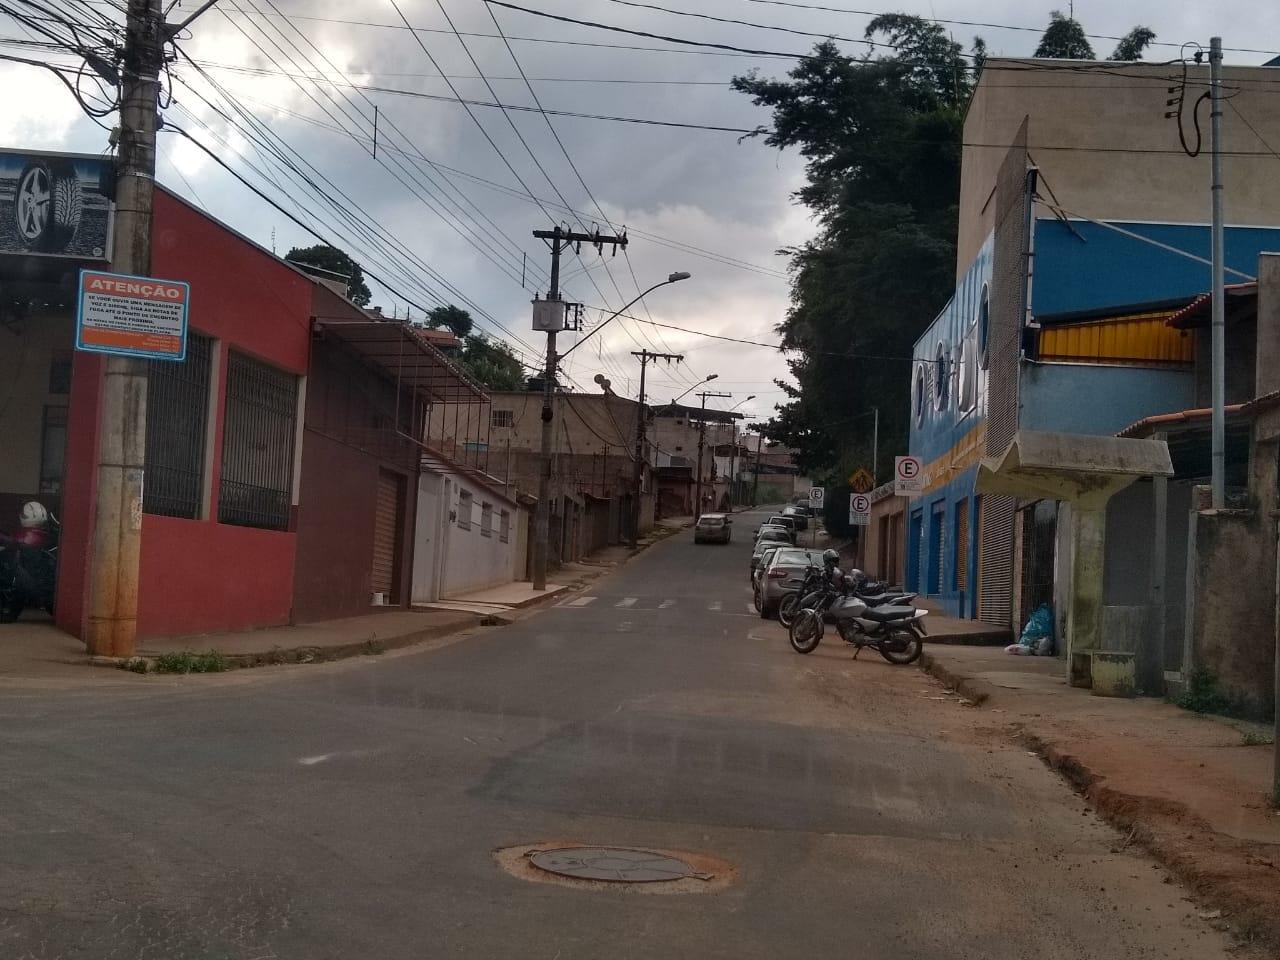 regiao-do-gabiroba-tera-mudancas-profundas-no-transito-nos-proximos-dias (4)